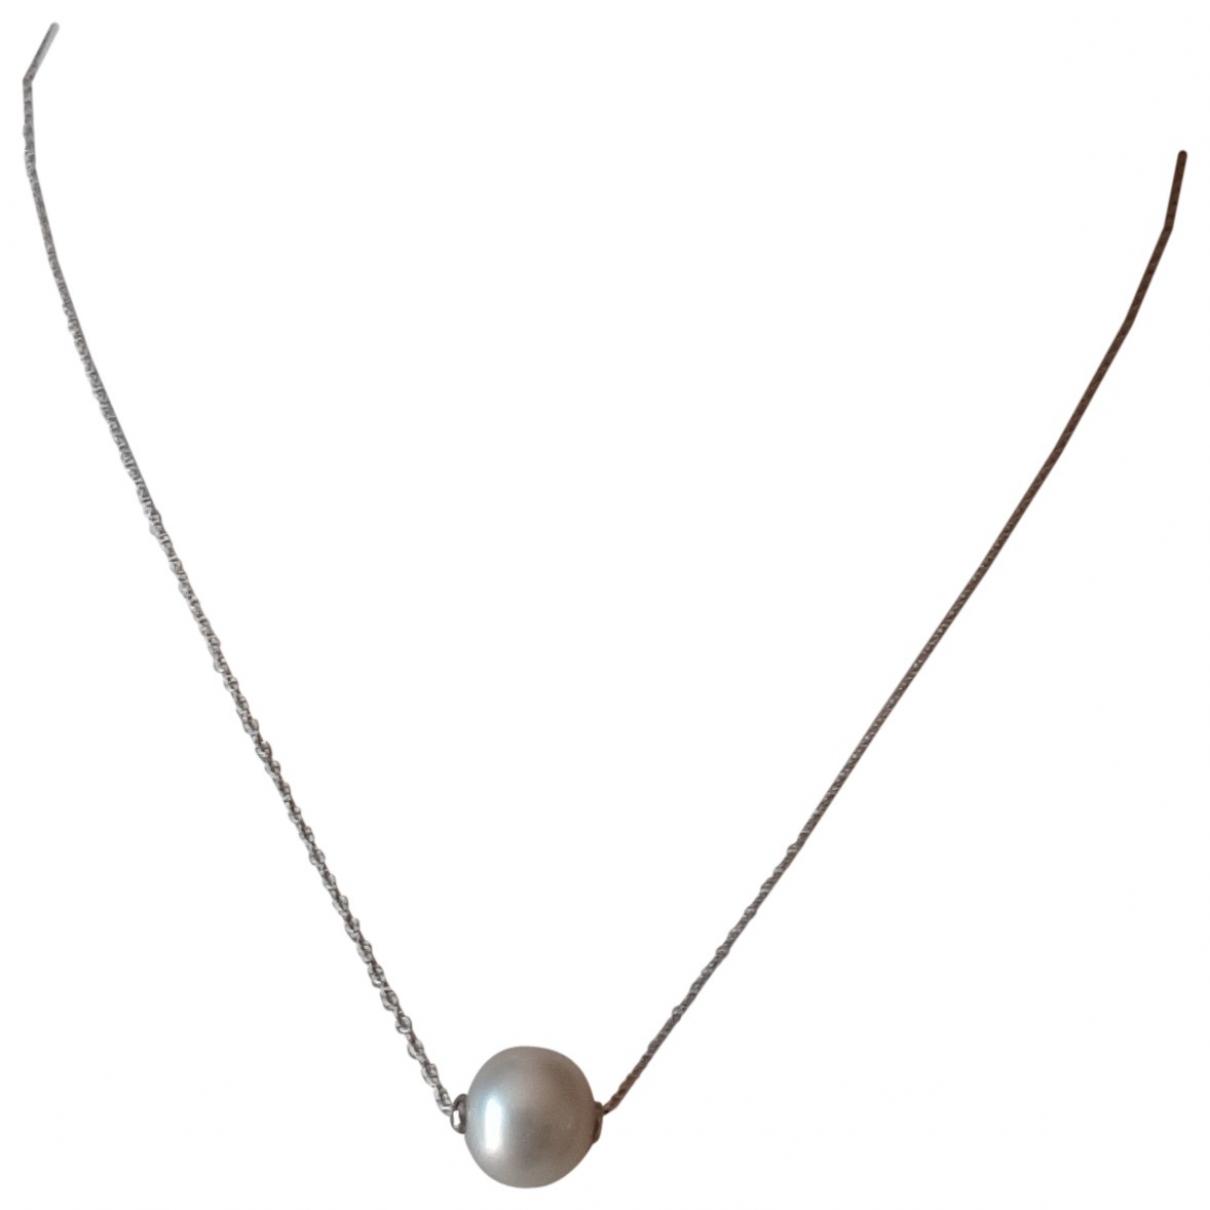 Collar Nacre de Oro blanco Non Signe / Unsigned